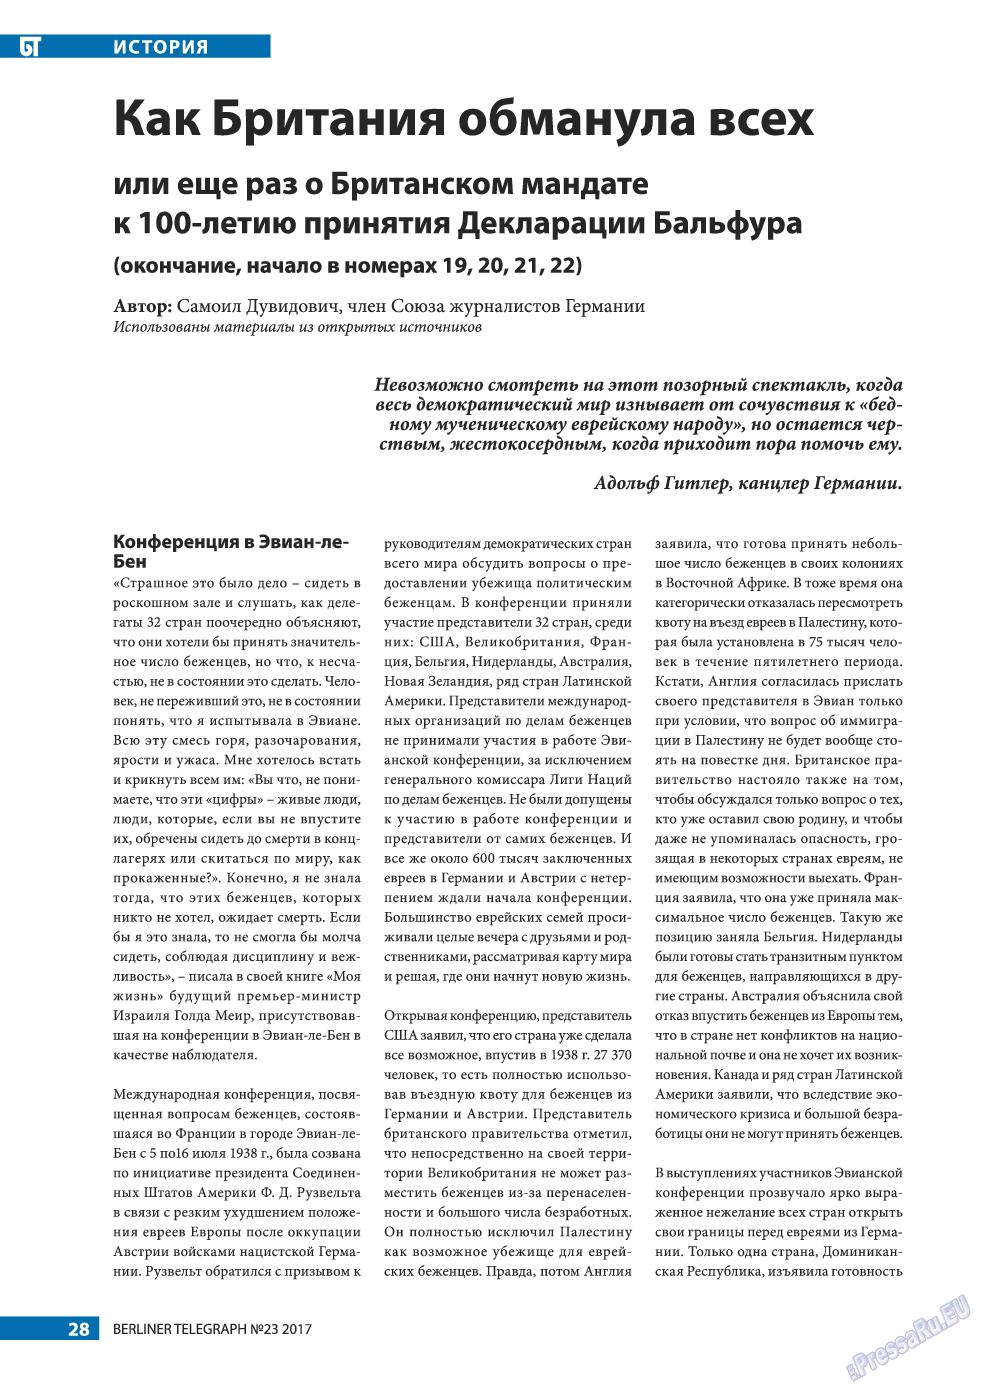 Берлинский телеграф (журнал). 2017 год, номер 23, стр. 28